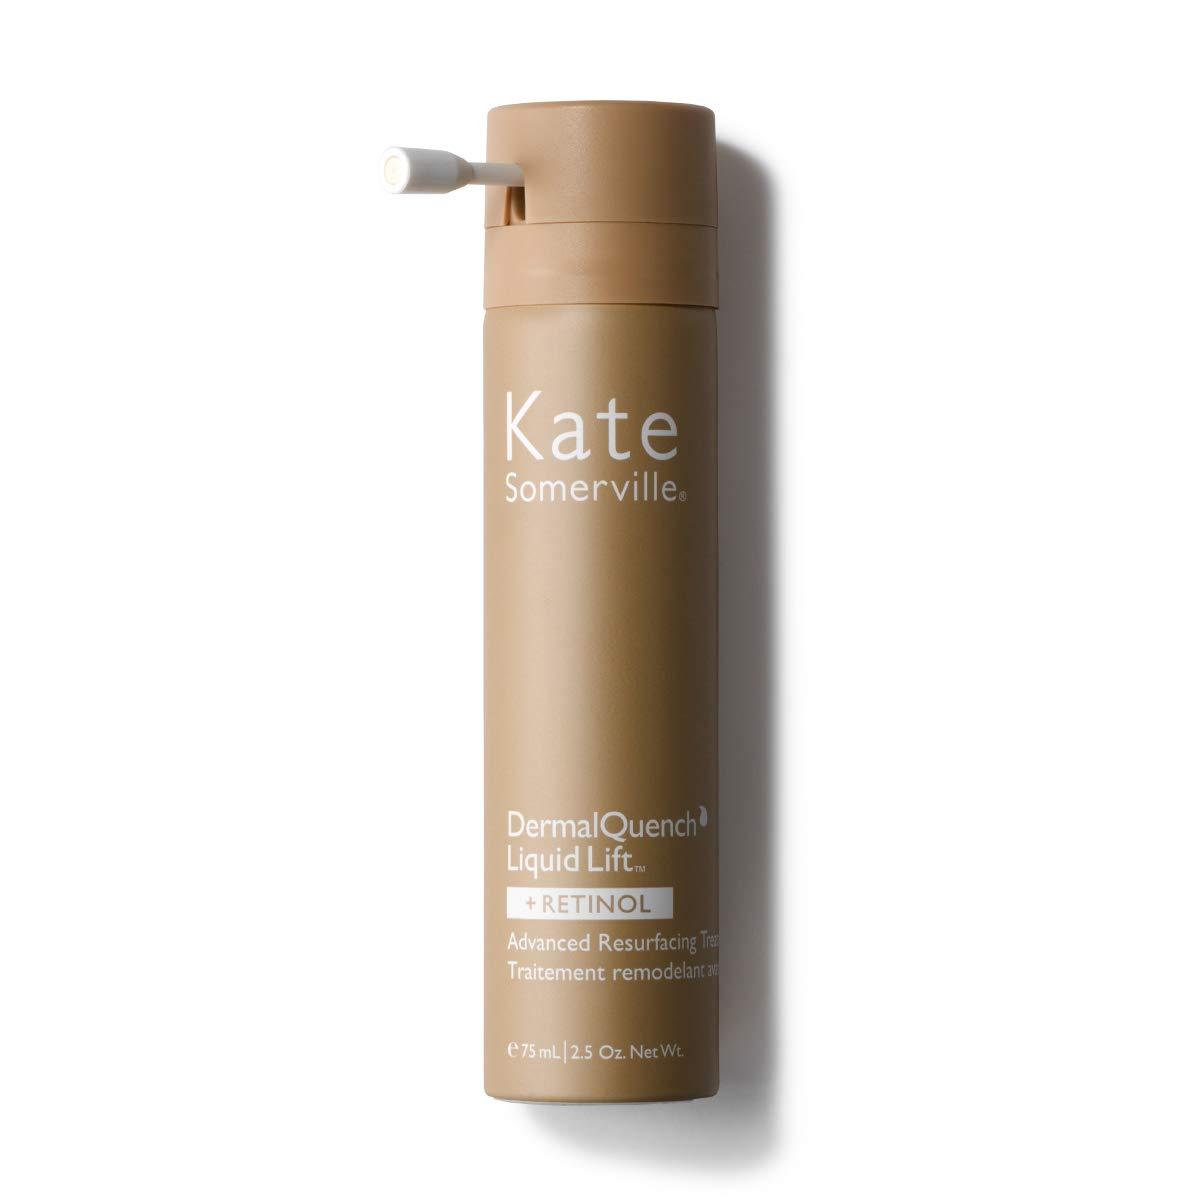 Kate Somerville DermalQuench Liquid Lift +Retinol - Skin Firming Retinol Treatment (2.5 Fl. Oz.)